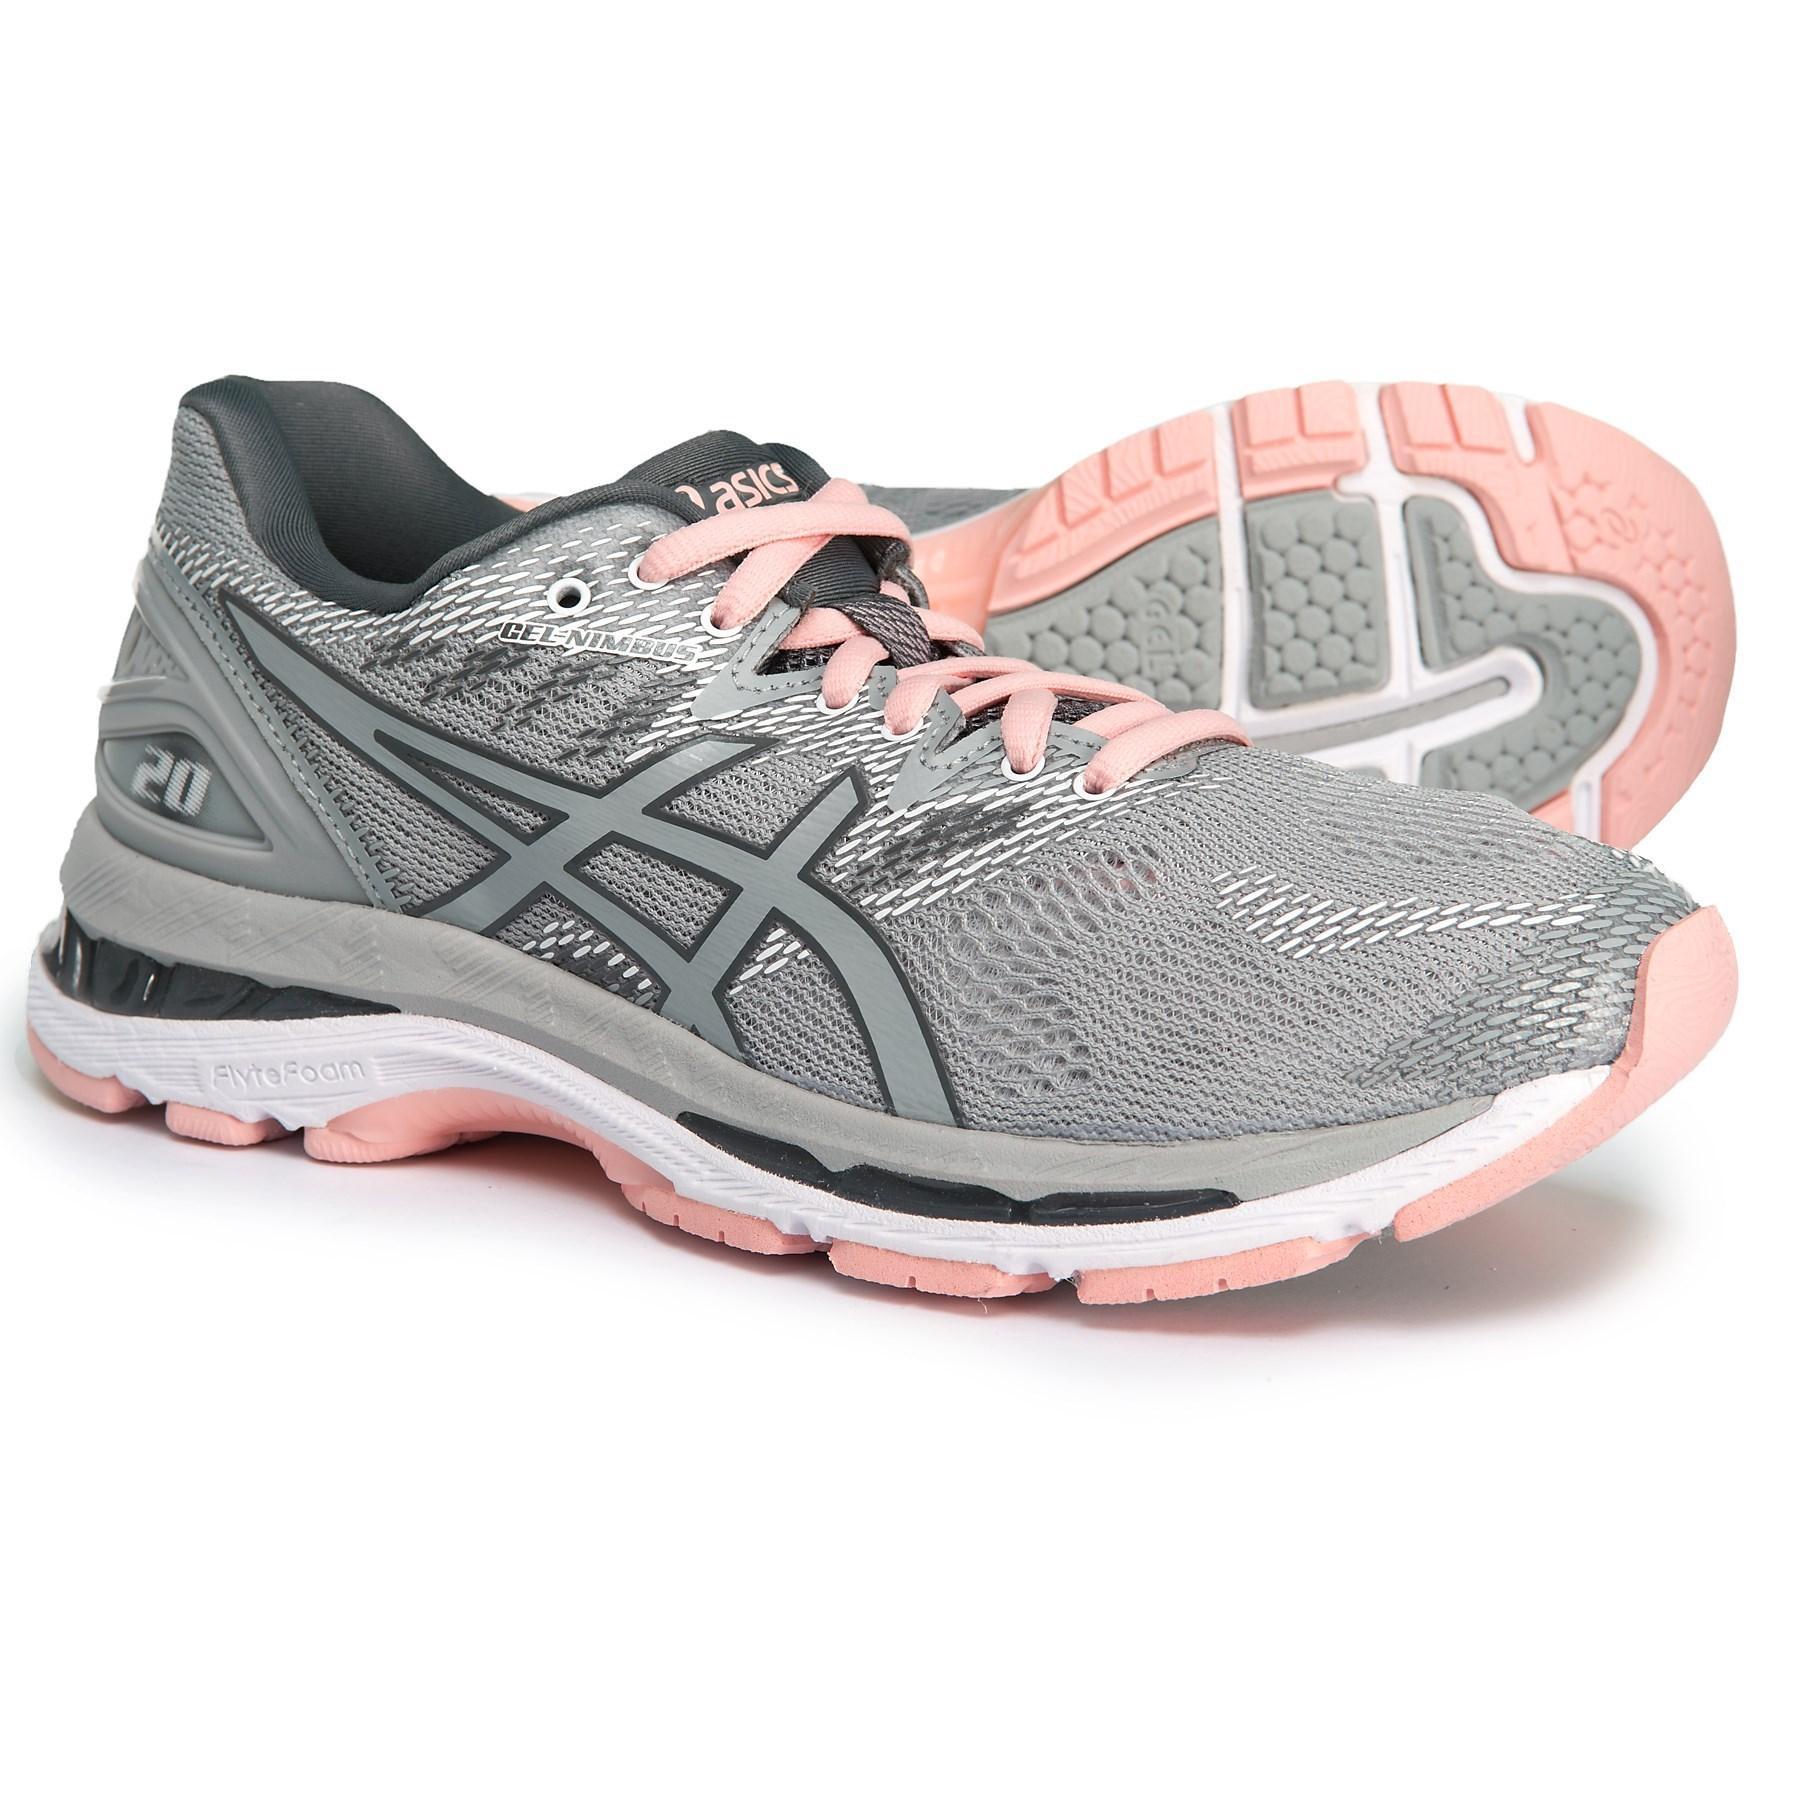 bce57a4a7af Women's Gray Gel-nimbus 20 Running Shoes